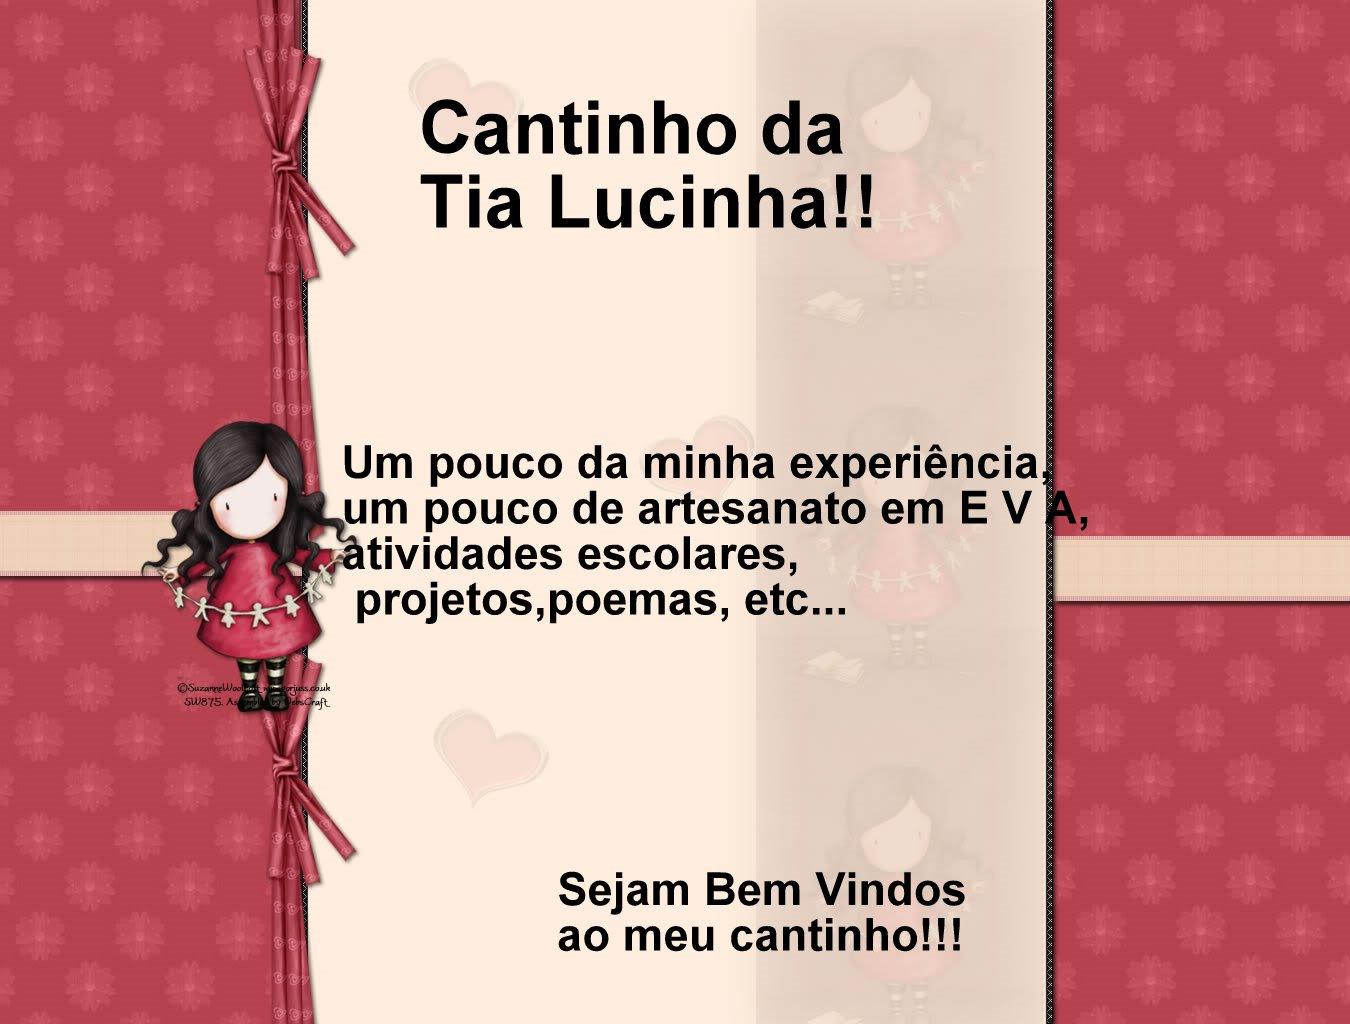 Cantinho da Tia Lucinha... Sejam Bem Vindos!!!